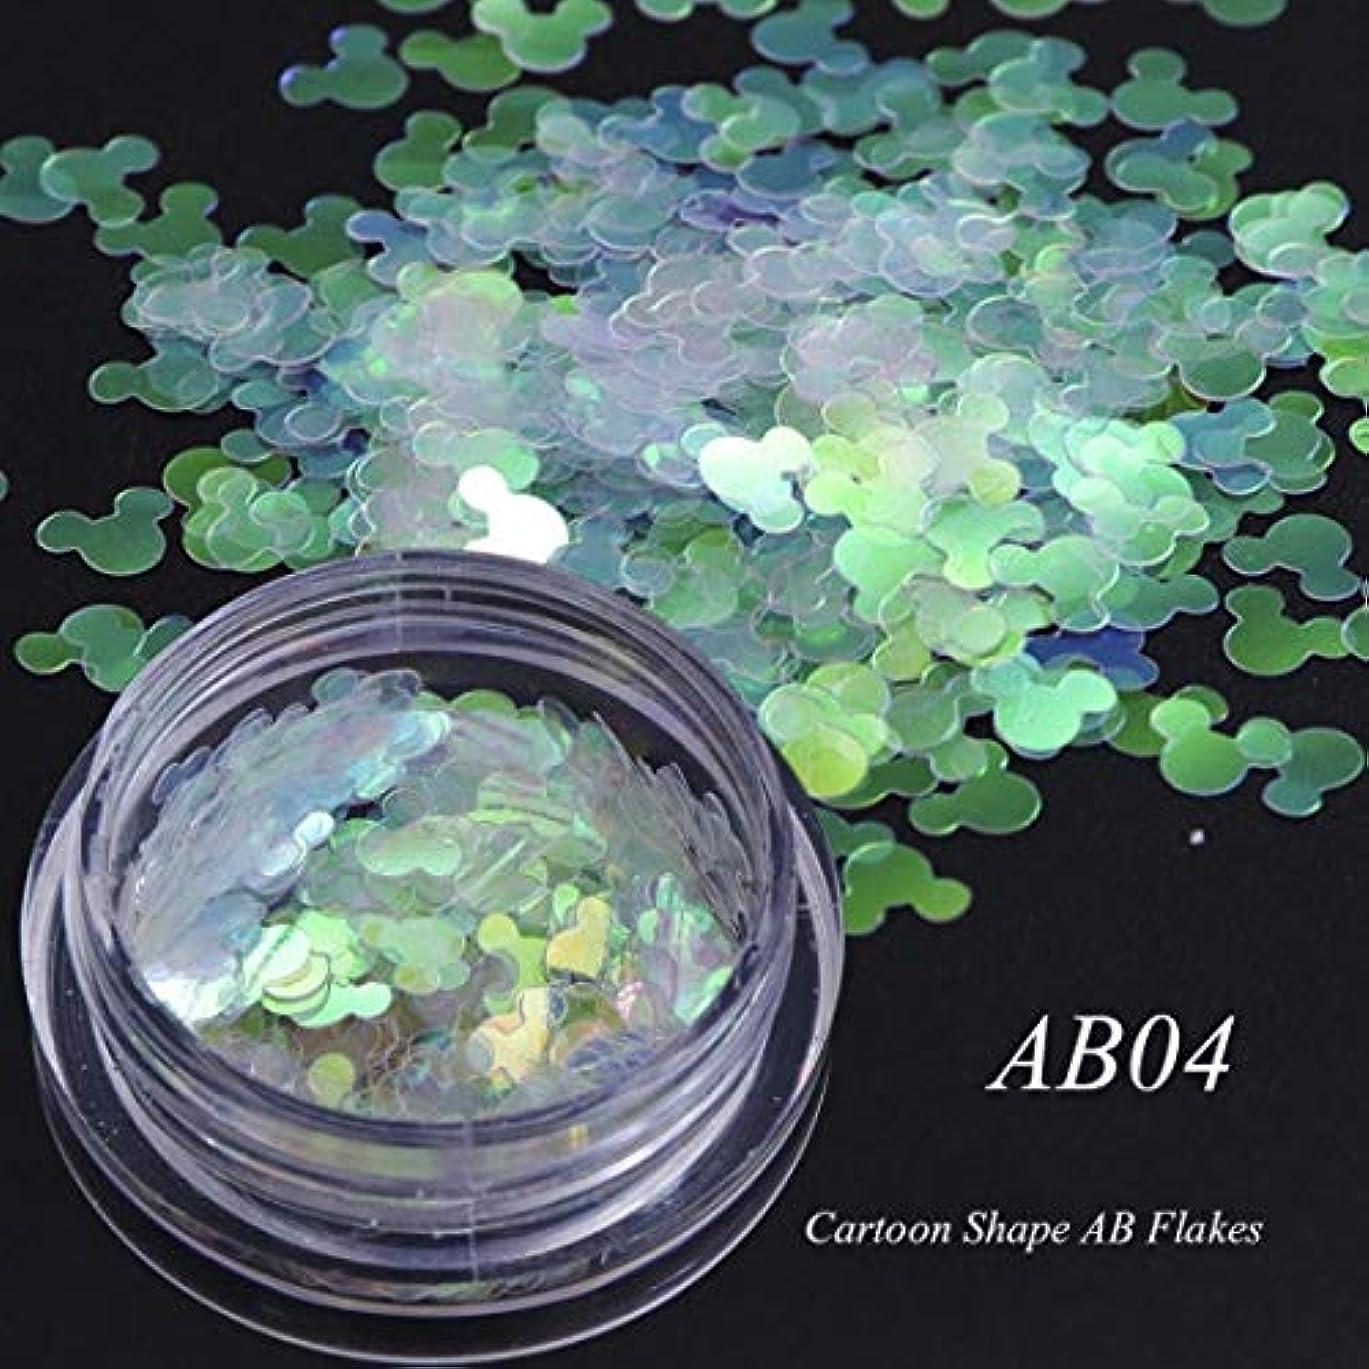 ずるい悲観的床手足ビューティーケア 3個のカメレオンカラースパンコールネイルアートグリッターフレークUVジェル装飾ツール(AB01) (色 : AB04)